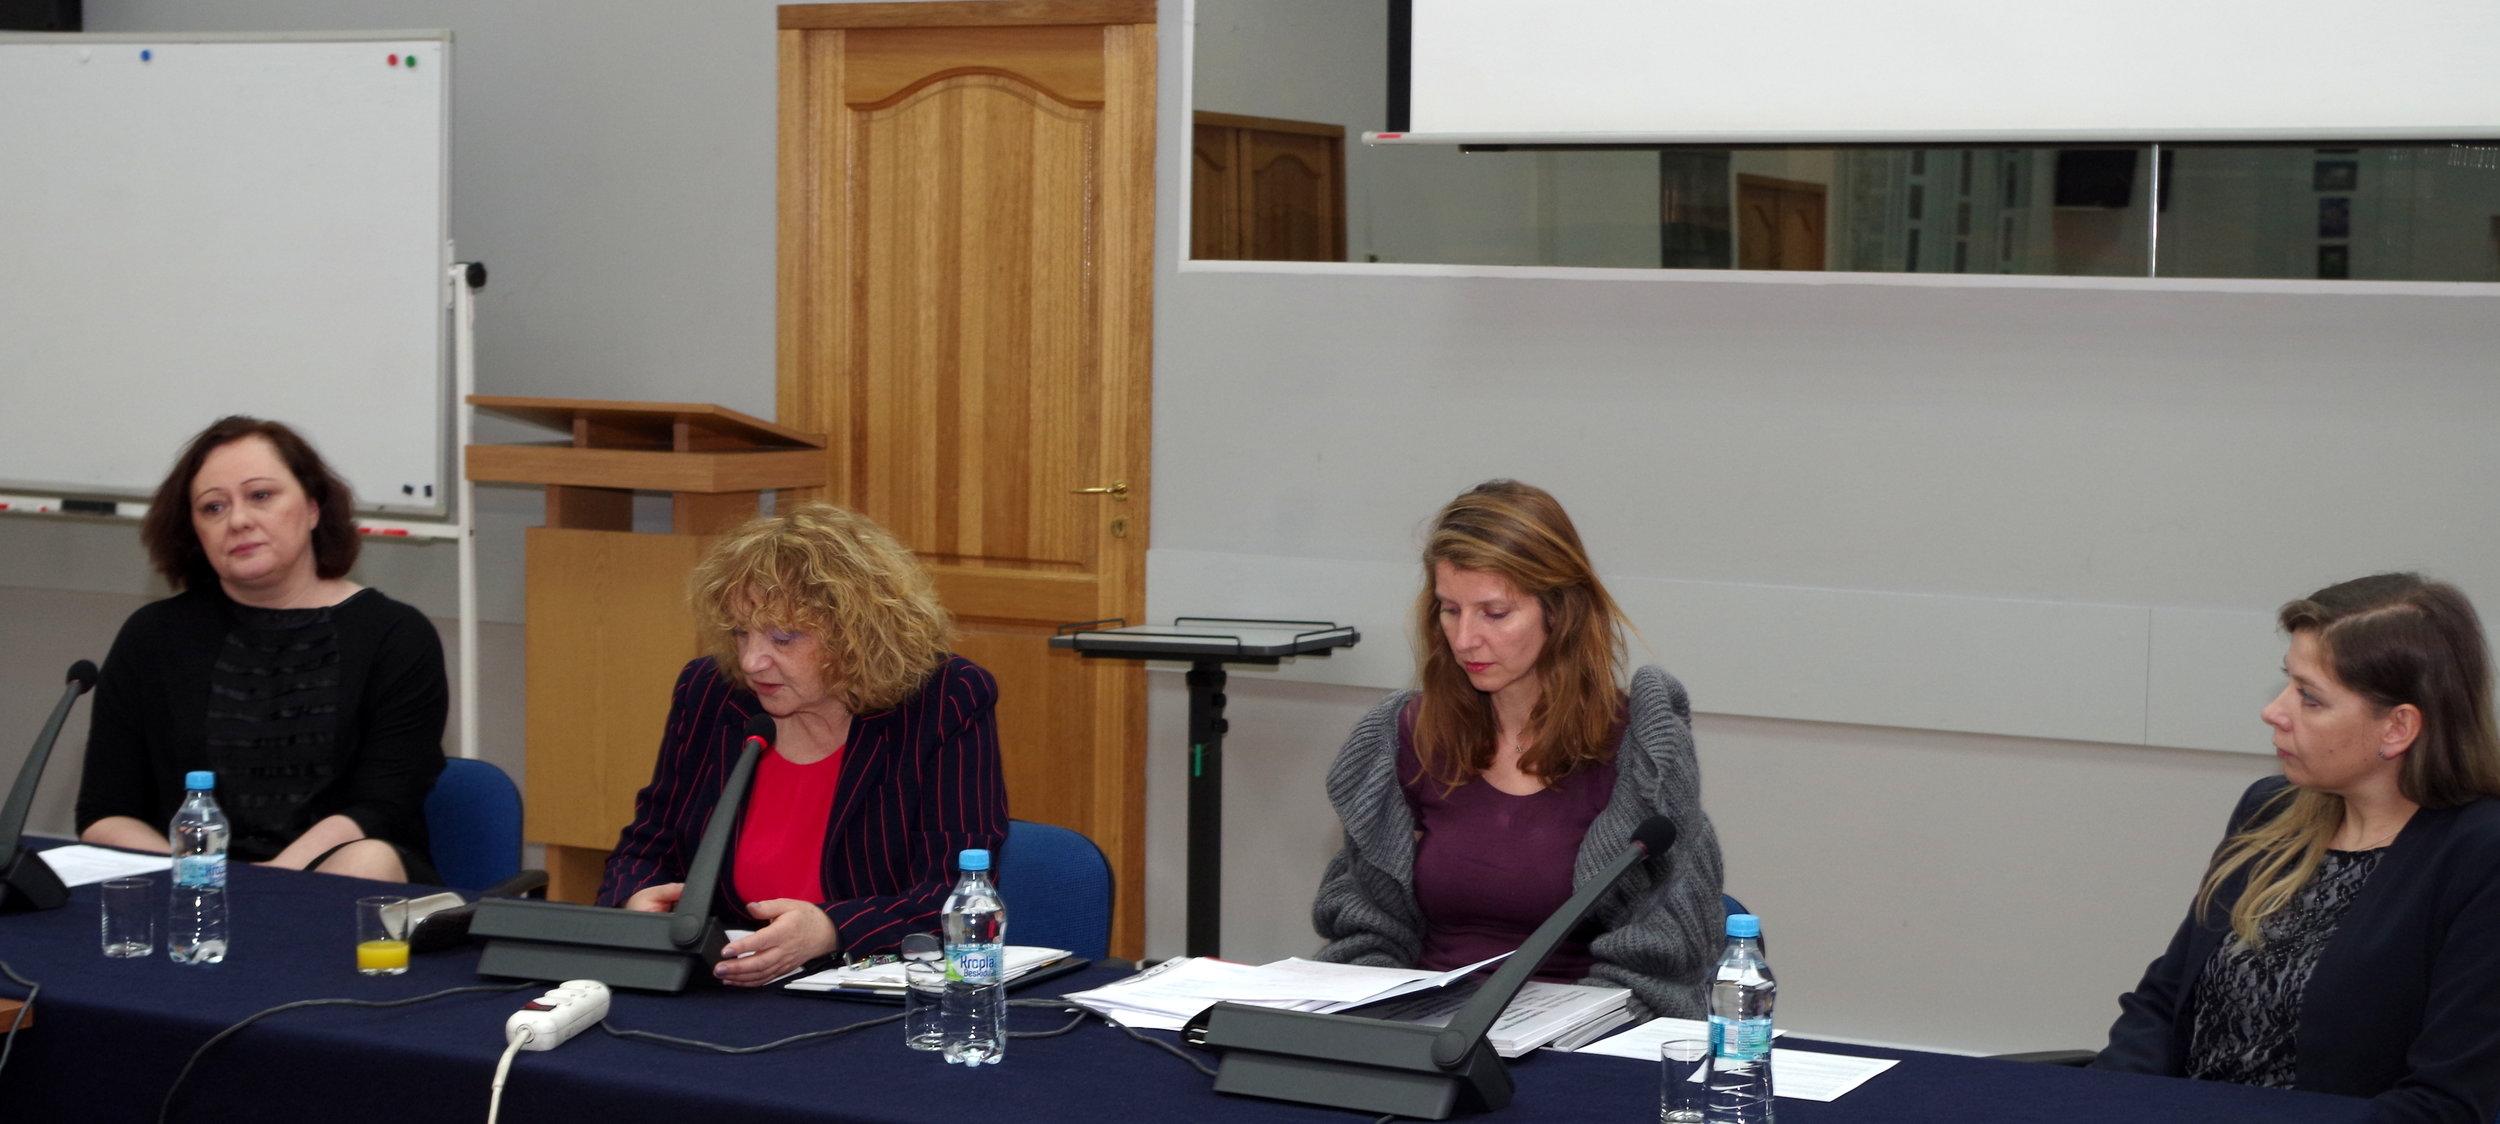 konferencja dziekanow (3).jpg